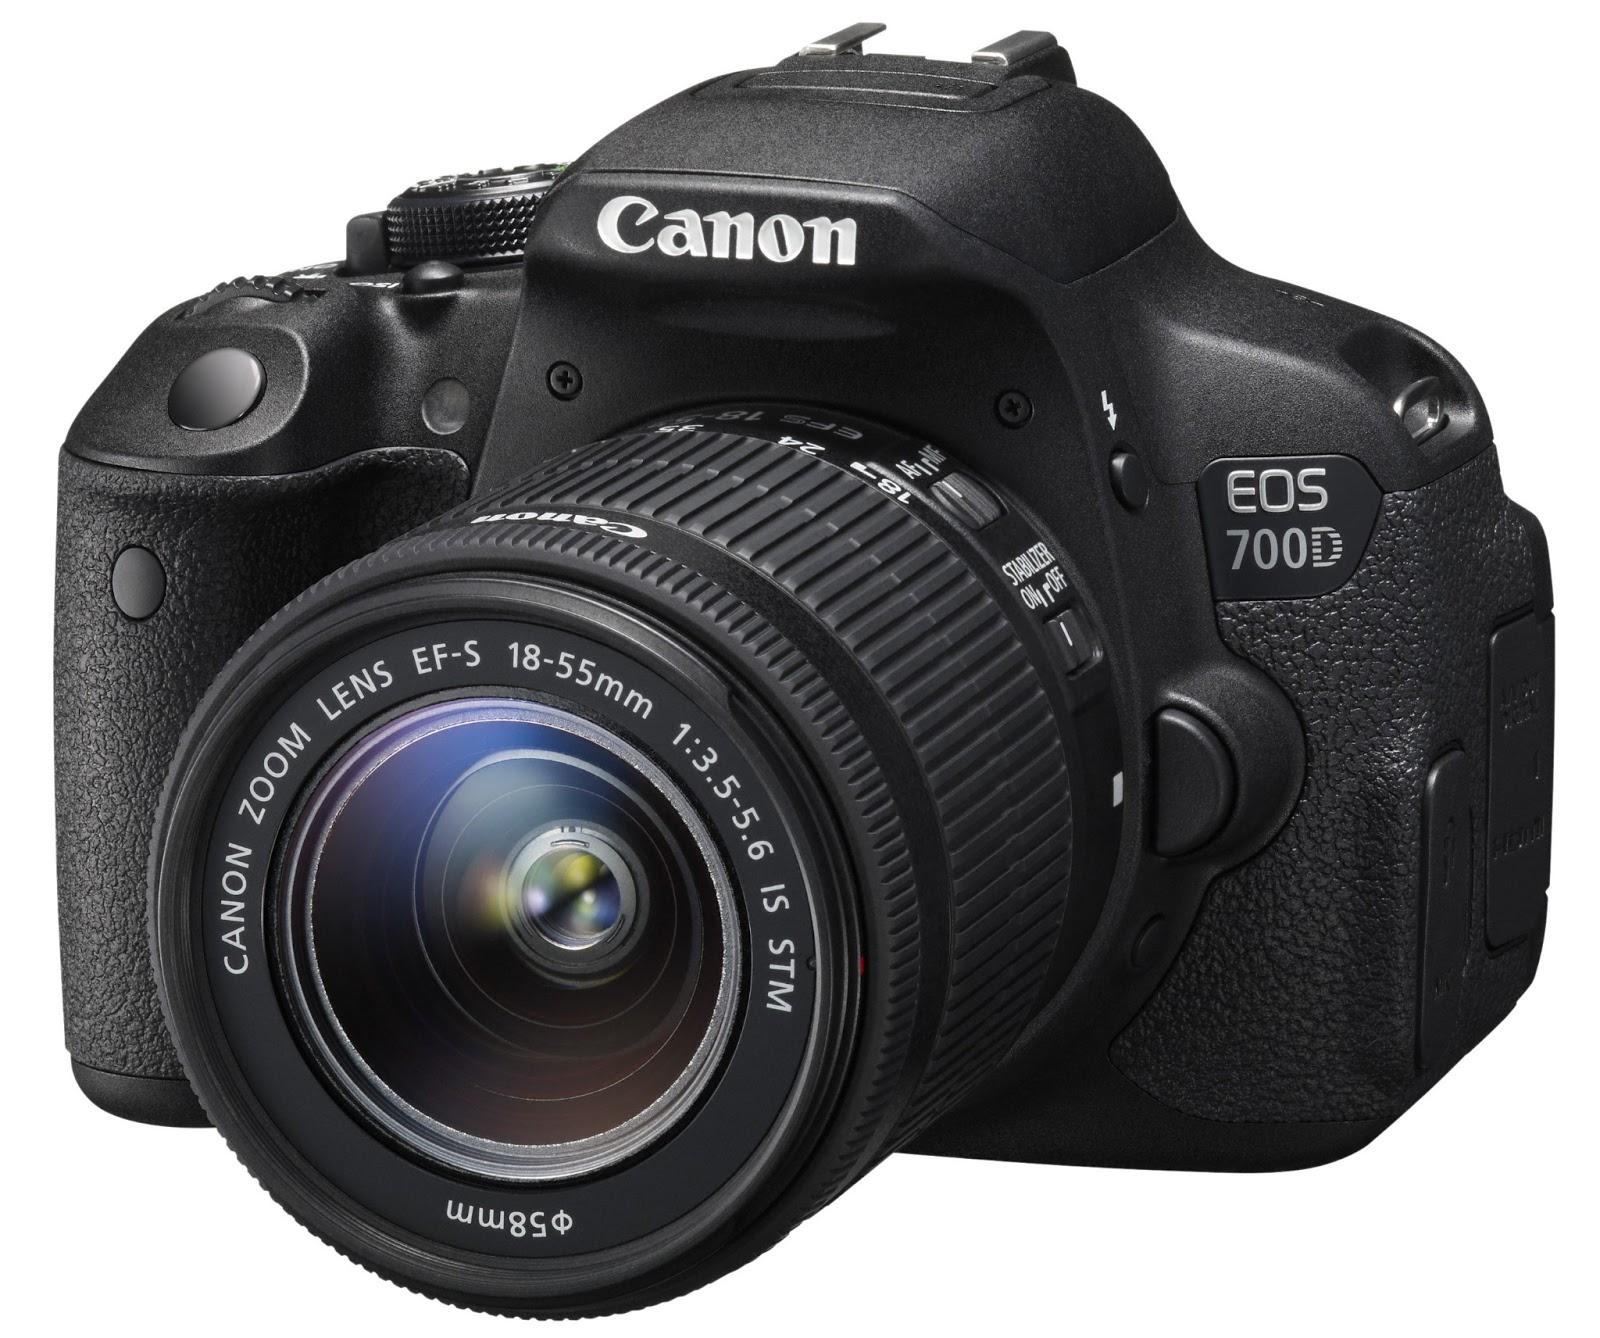 Angkringanmalam Kamera Canon DSLR Terbaru Juni 2013